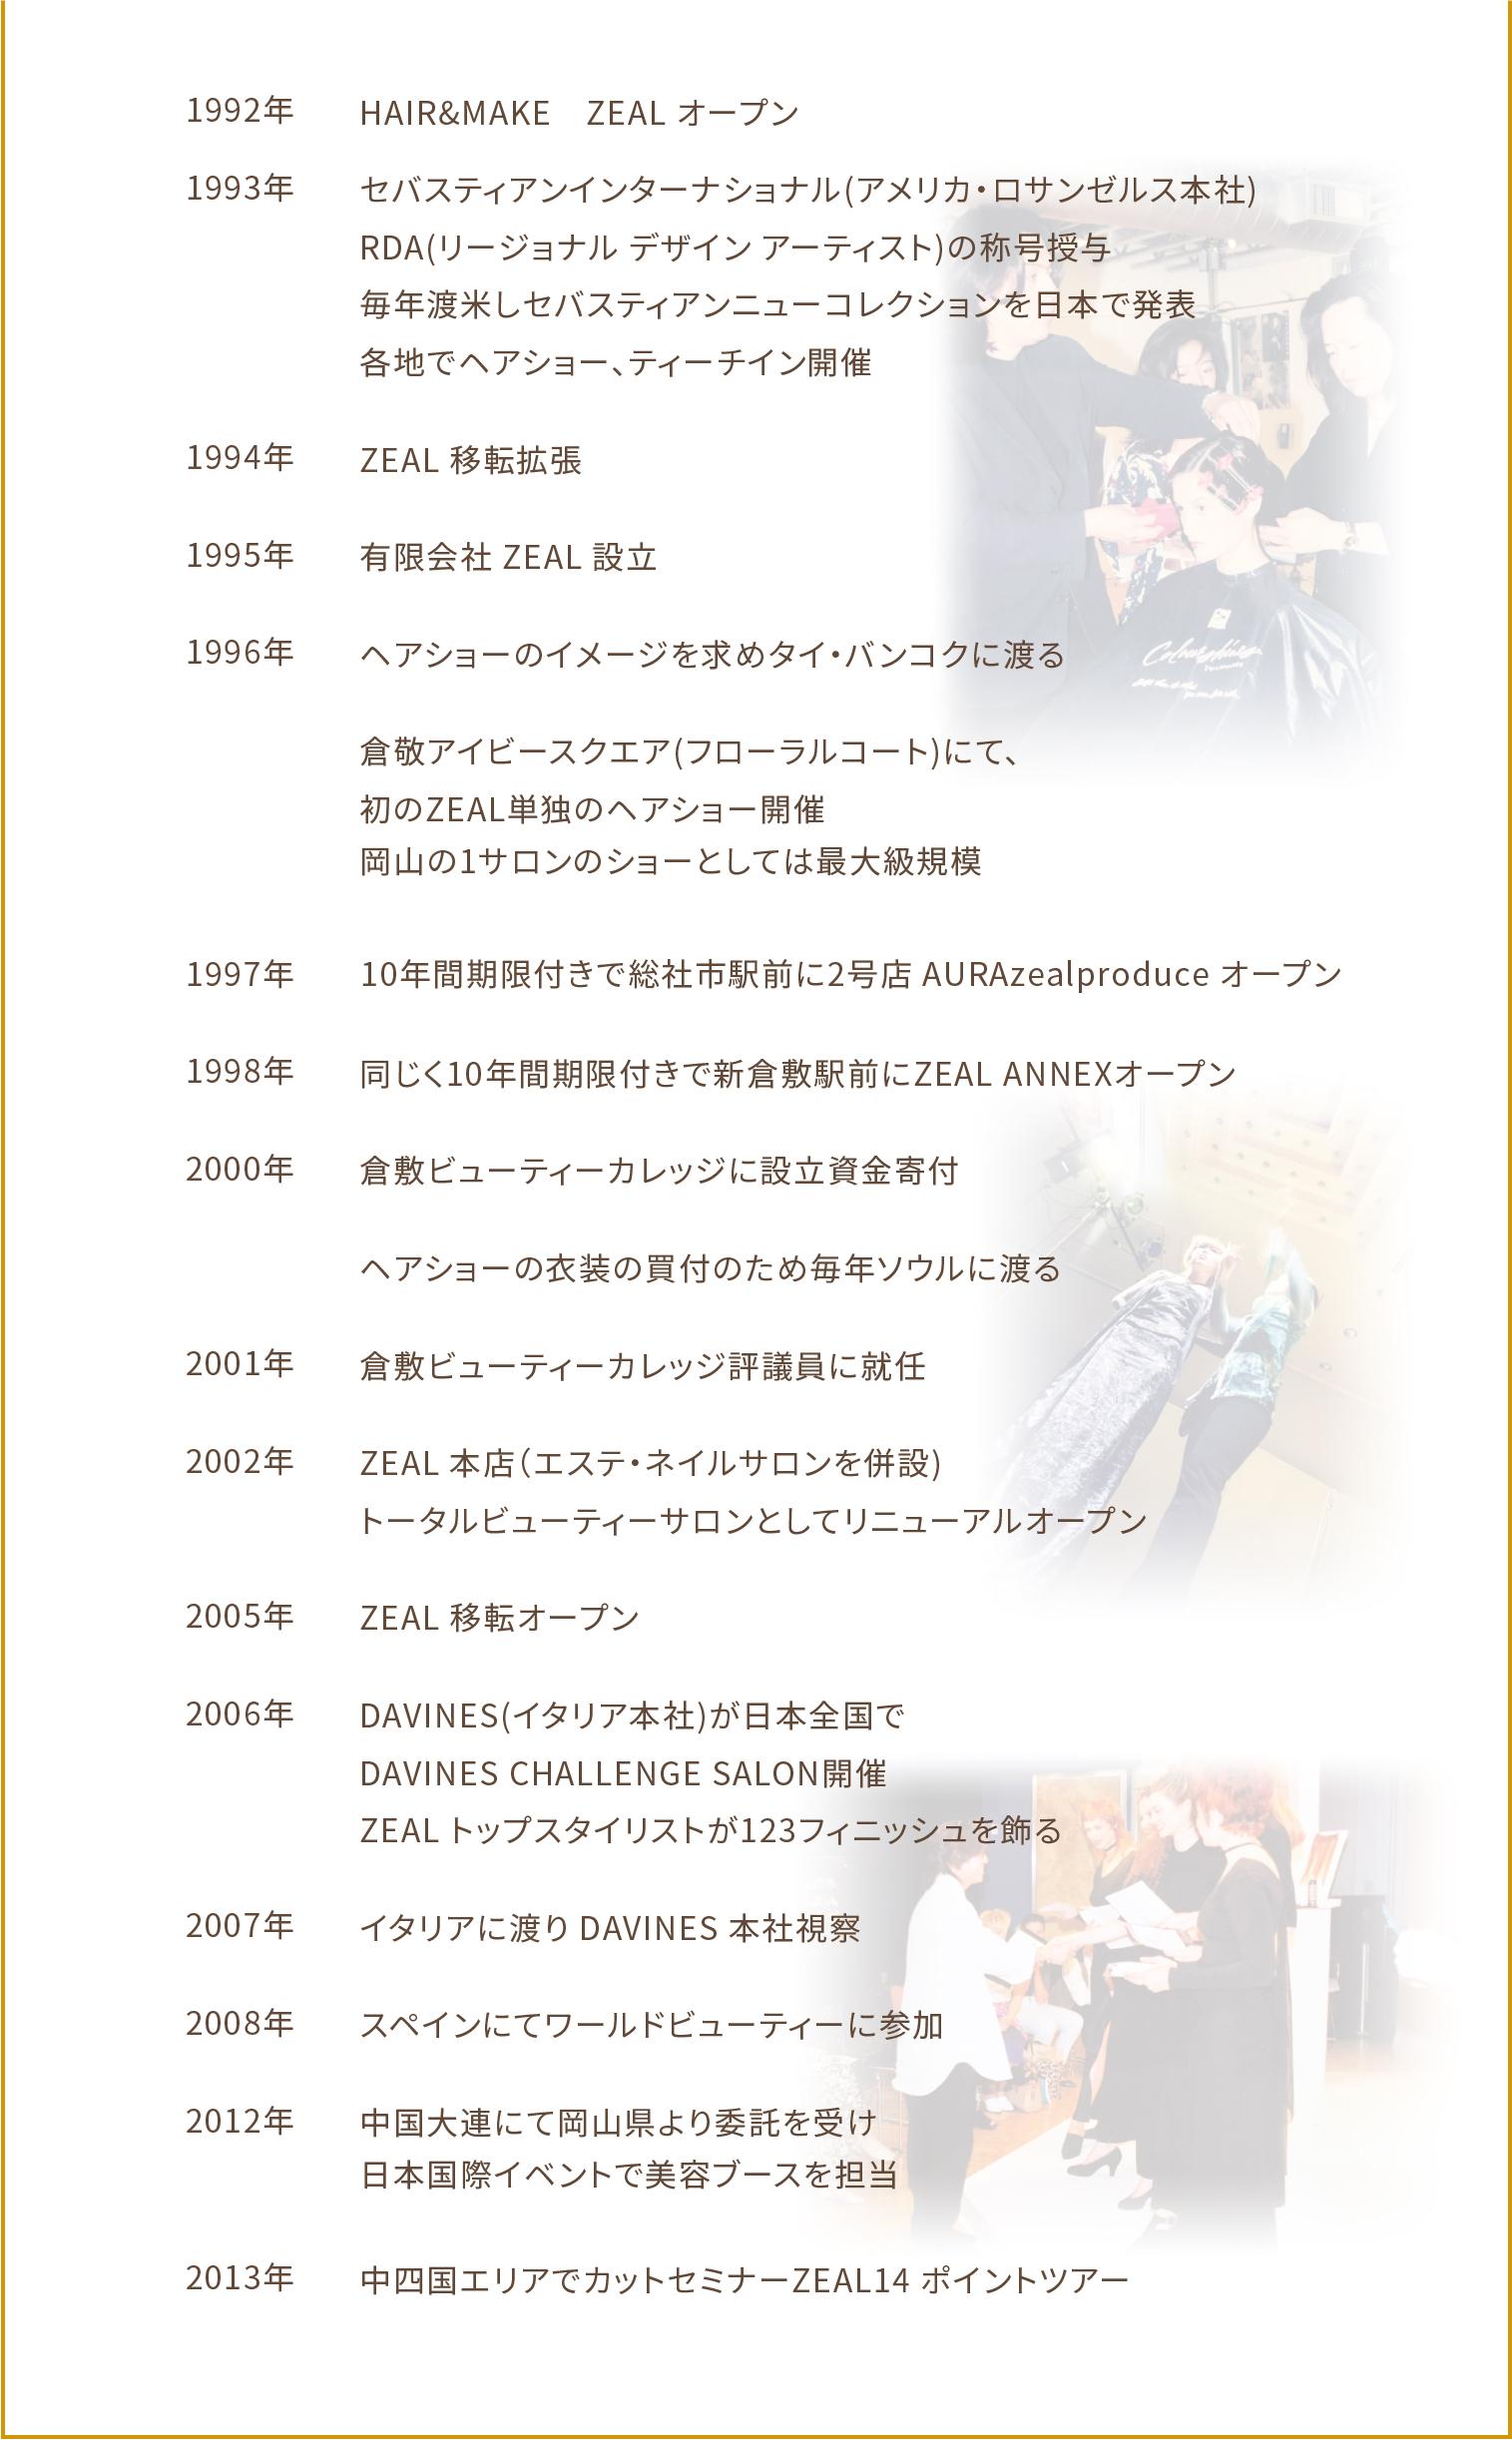 1992年 HAIR&MAKE ZEAL オープン 1993年 セバスティアンインターナショナル(アメリカ・ロサンゼルス本社) RDA(リージョナル デザイン アーティスト)の称号授与 毎年渡米しセバスティアンニューコレクションを日本で発表 各地でヘアショー、ティーチイン開催 1994年 ZEAL 移転拡張 1995年  有限会社 ZEAL 設立 1996年 ヘアショーのイメージを求めタイ・バンコクに渡る 1996年 倉敬アイビースクエア(フローラルコート)にて、初のZEAL単独のヘアショー開催 岡山の1サロンのショーとしては最大級規模 1997年 10年間期限付きで総社市駅前に2号店 AURAzealproduce オープン 1998年 同じく10年間期限付きで新倉敷駅前にZEAL ANNEXオープン 2000年 倉敷ビューティーカレッジに設立資金寄付 2000年 ヘアショーの衣装の買付のため毎年ソウルに渡る 2001年 倉敷ビューティーカレッジ評議員に就任 2002年 ZEAL 本店(エステ・ネイルサロンを併設) トータルビューティーサロンとしてリニューアルオープン 2005年 ZEAL 移転オープン 2006年 DAVINES(イタリア本社)が日本全国でDAVINES CHALLENGE SALON開催 ZEAL トップスタイリストが123フィニッシュを飾る 2007年 イタリアに渡り DAVINES 本社視察 2008年 スペインにてワールドビューティーに参加 2012年 中国大連にて岡山県より委託を受け日本国際イベントで美容ブースを担当 2013年 中四国エリアでカットセミナーZEAL14 ポイントツアー